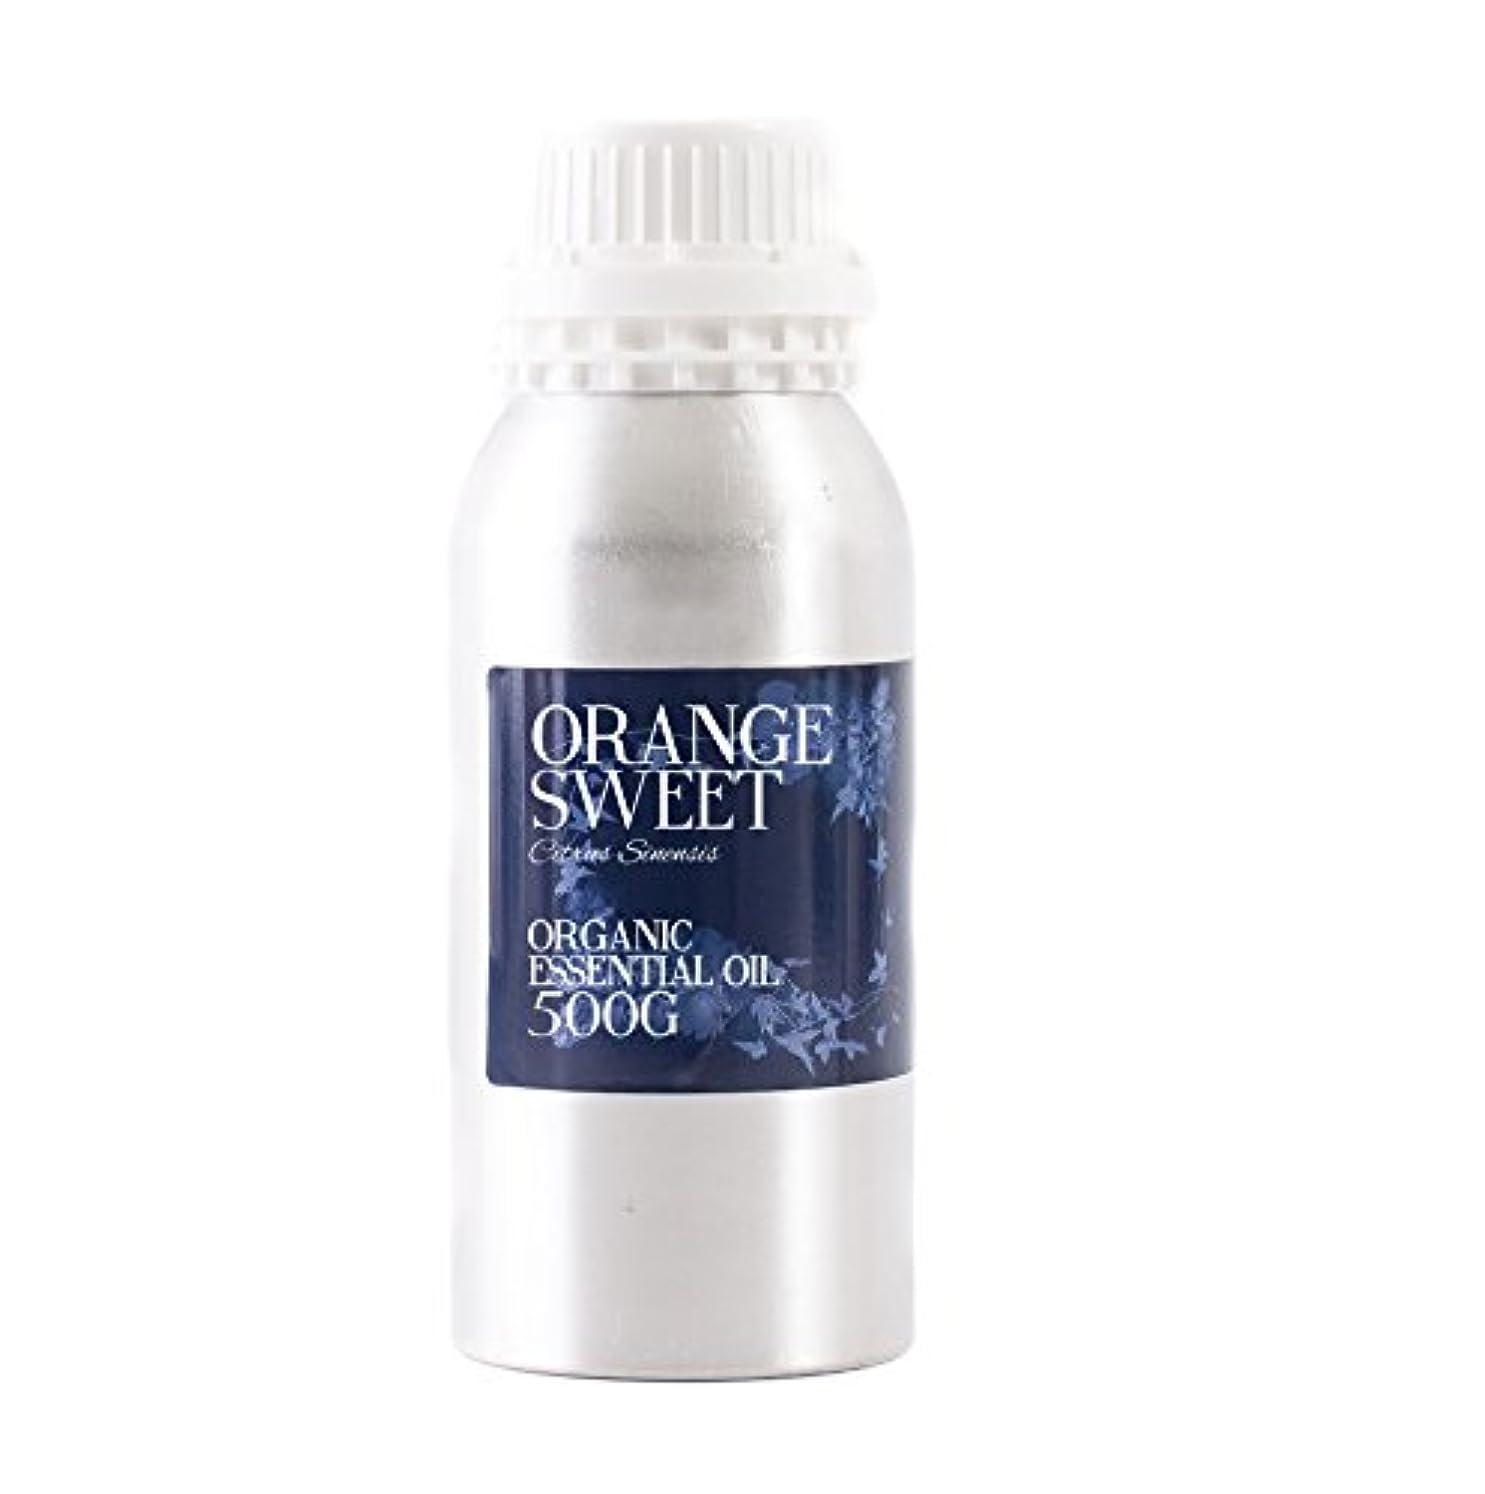 ビルダー巧みな対角線Mystic Moments | Orange Sweet Organic Essential Oil - 500g - 100% Pure